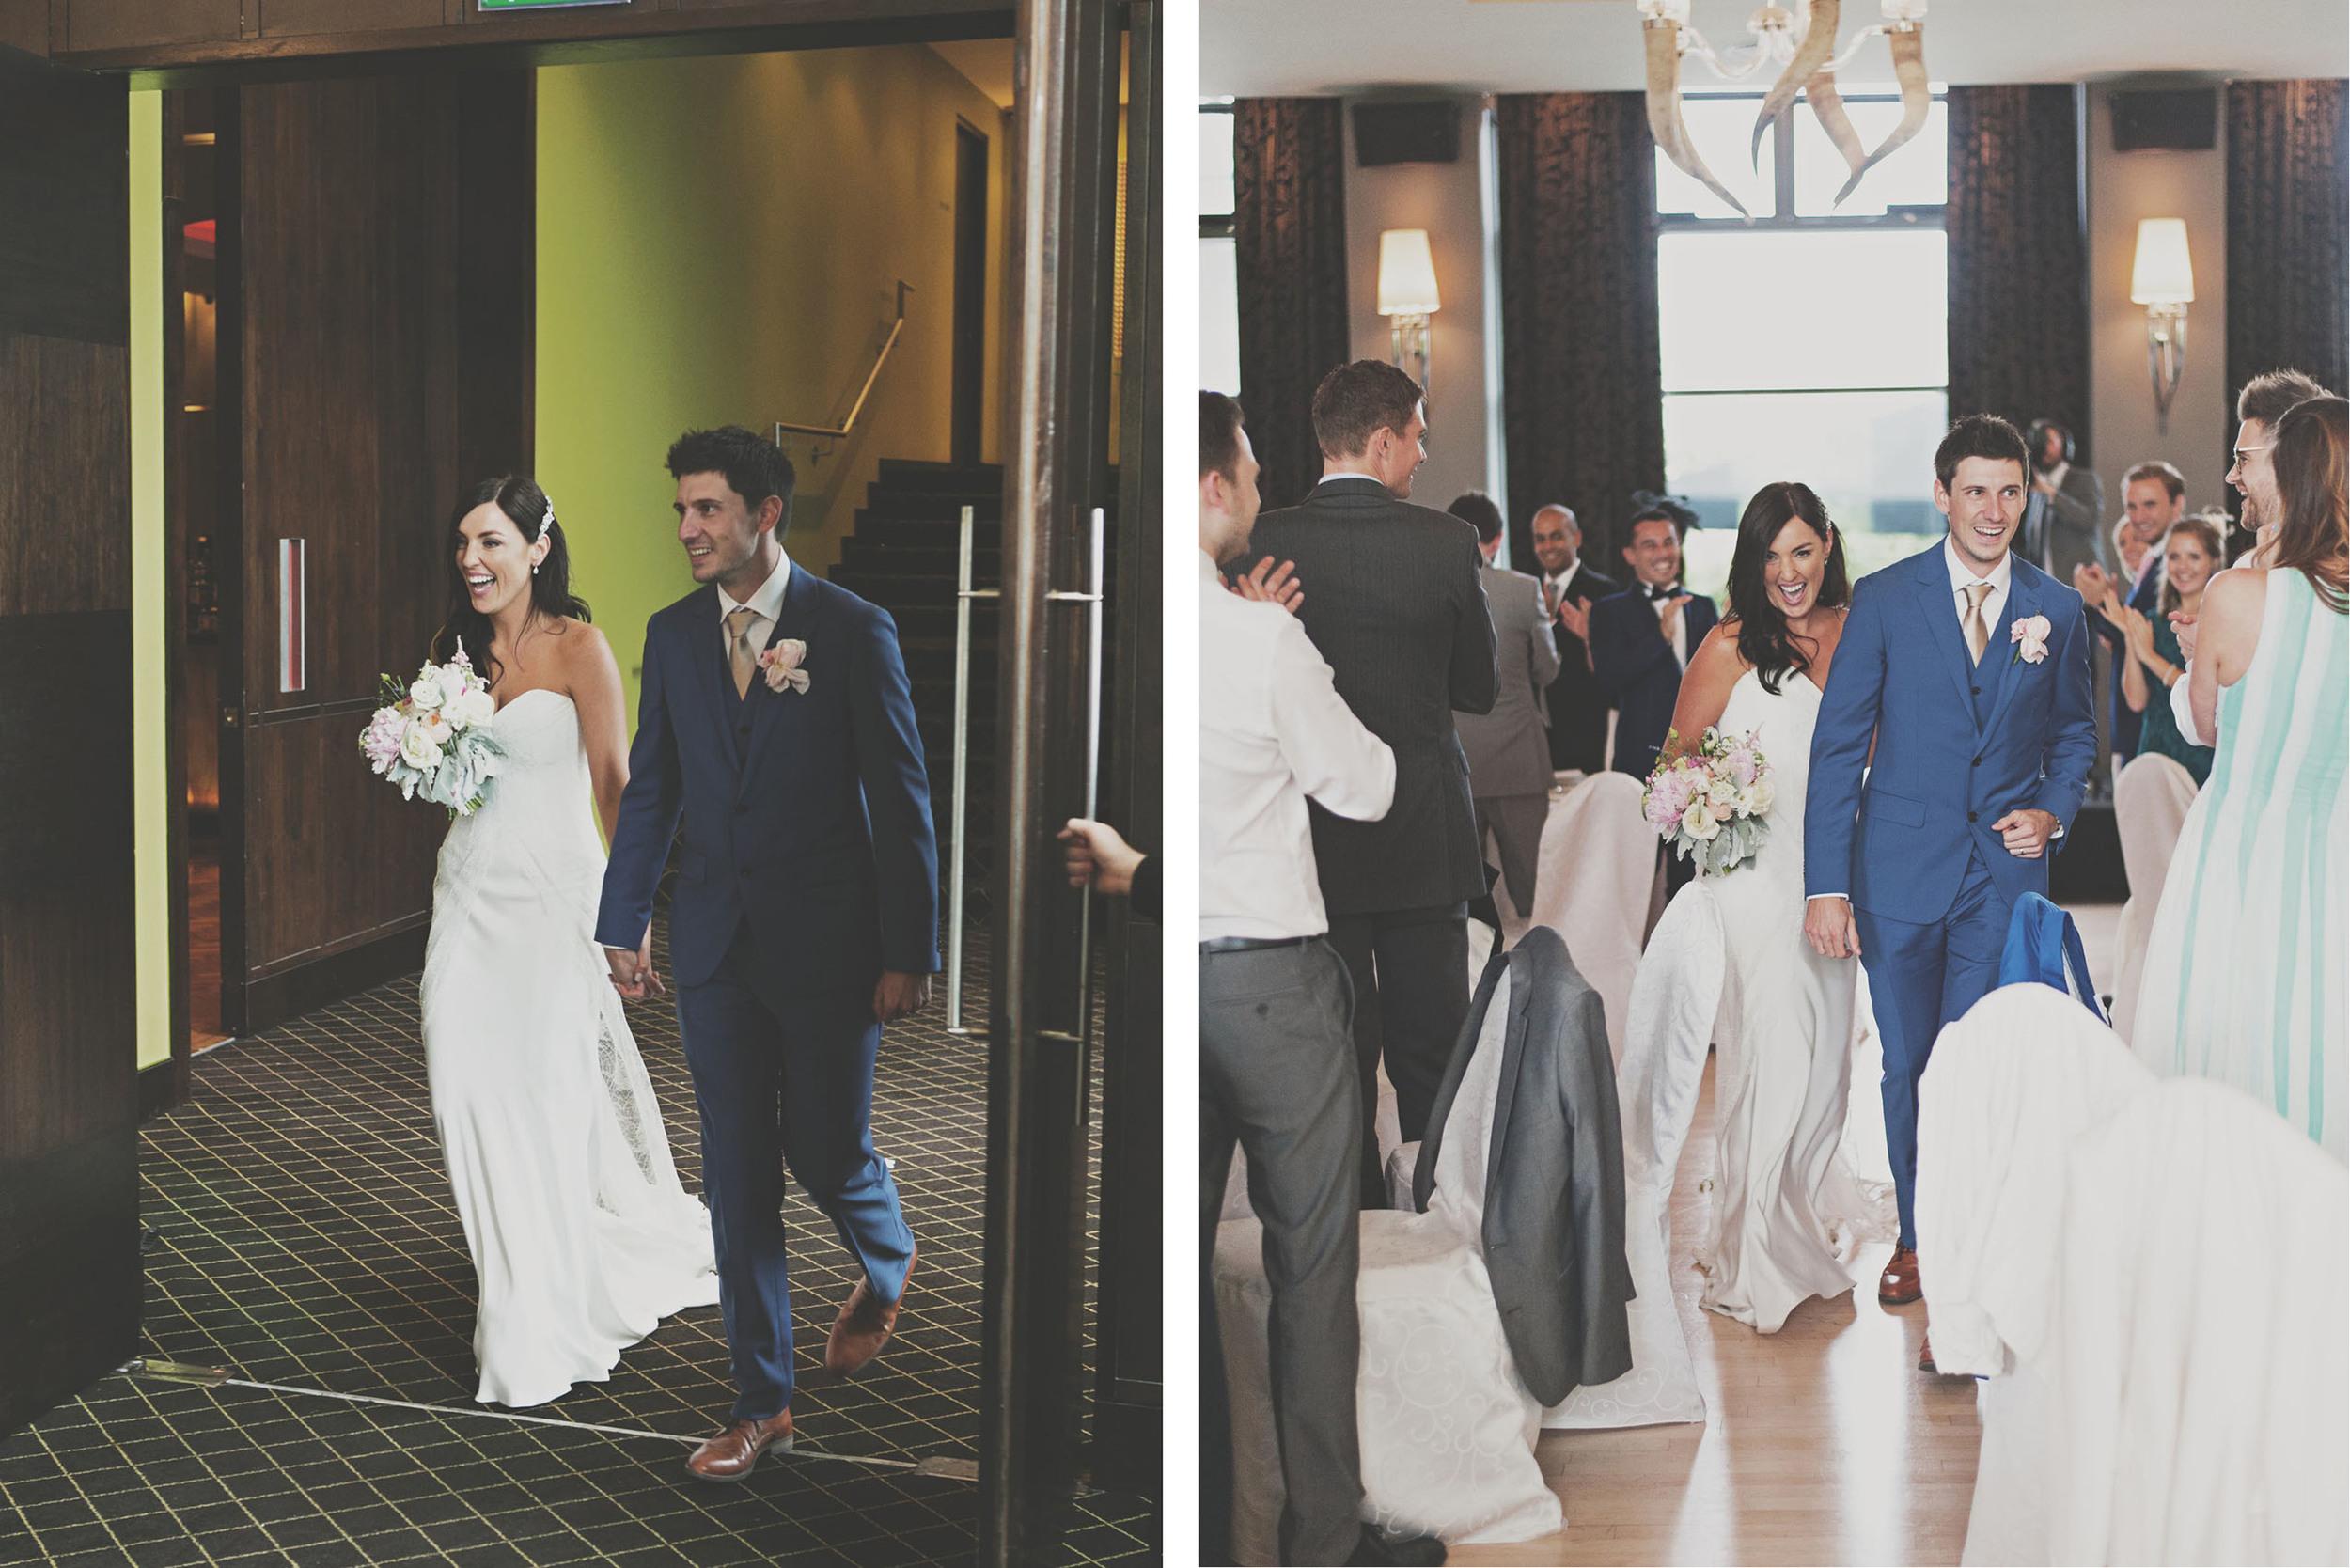 Julie & Matt's Seafield Wedding by Studio33weddings 110.jpg